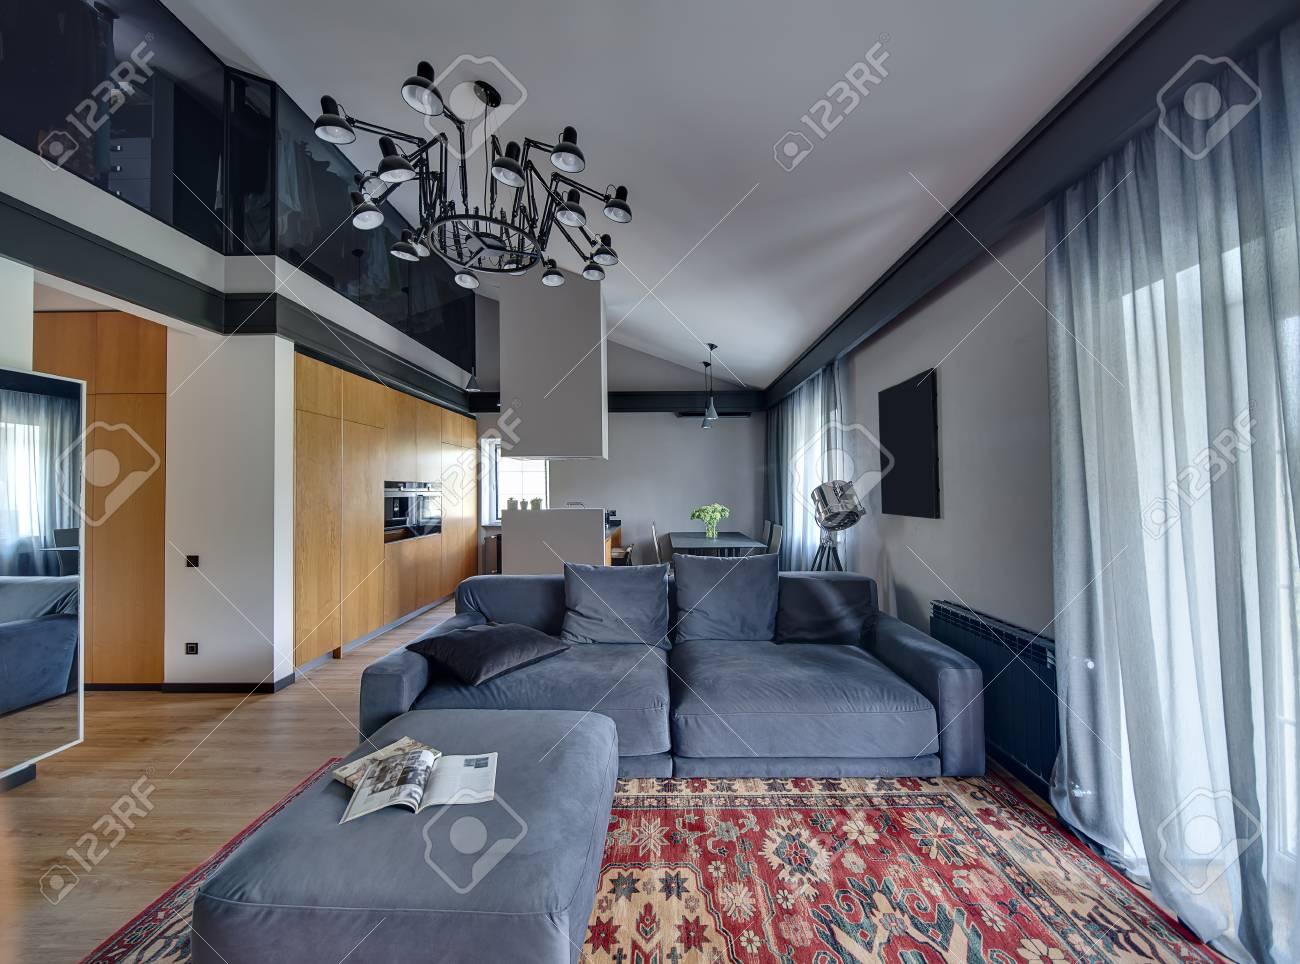 Zimmer Im Modernen Stil Mit Hellen Wänden Und Parkett Mit Rotem ...